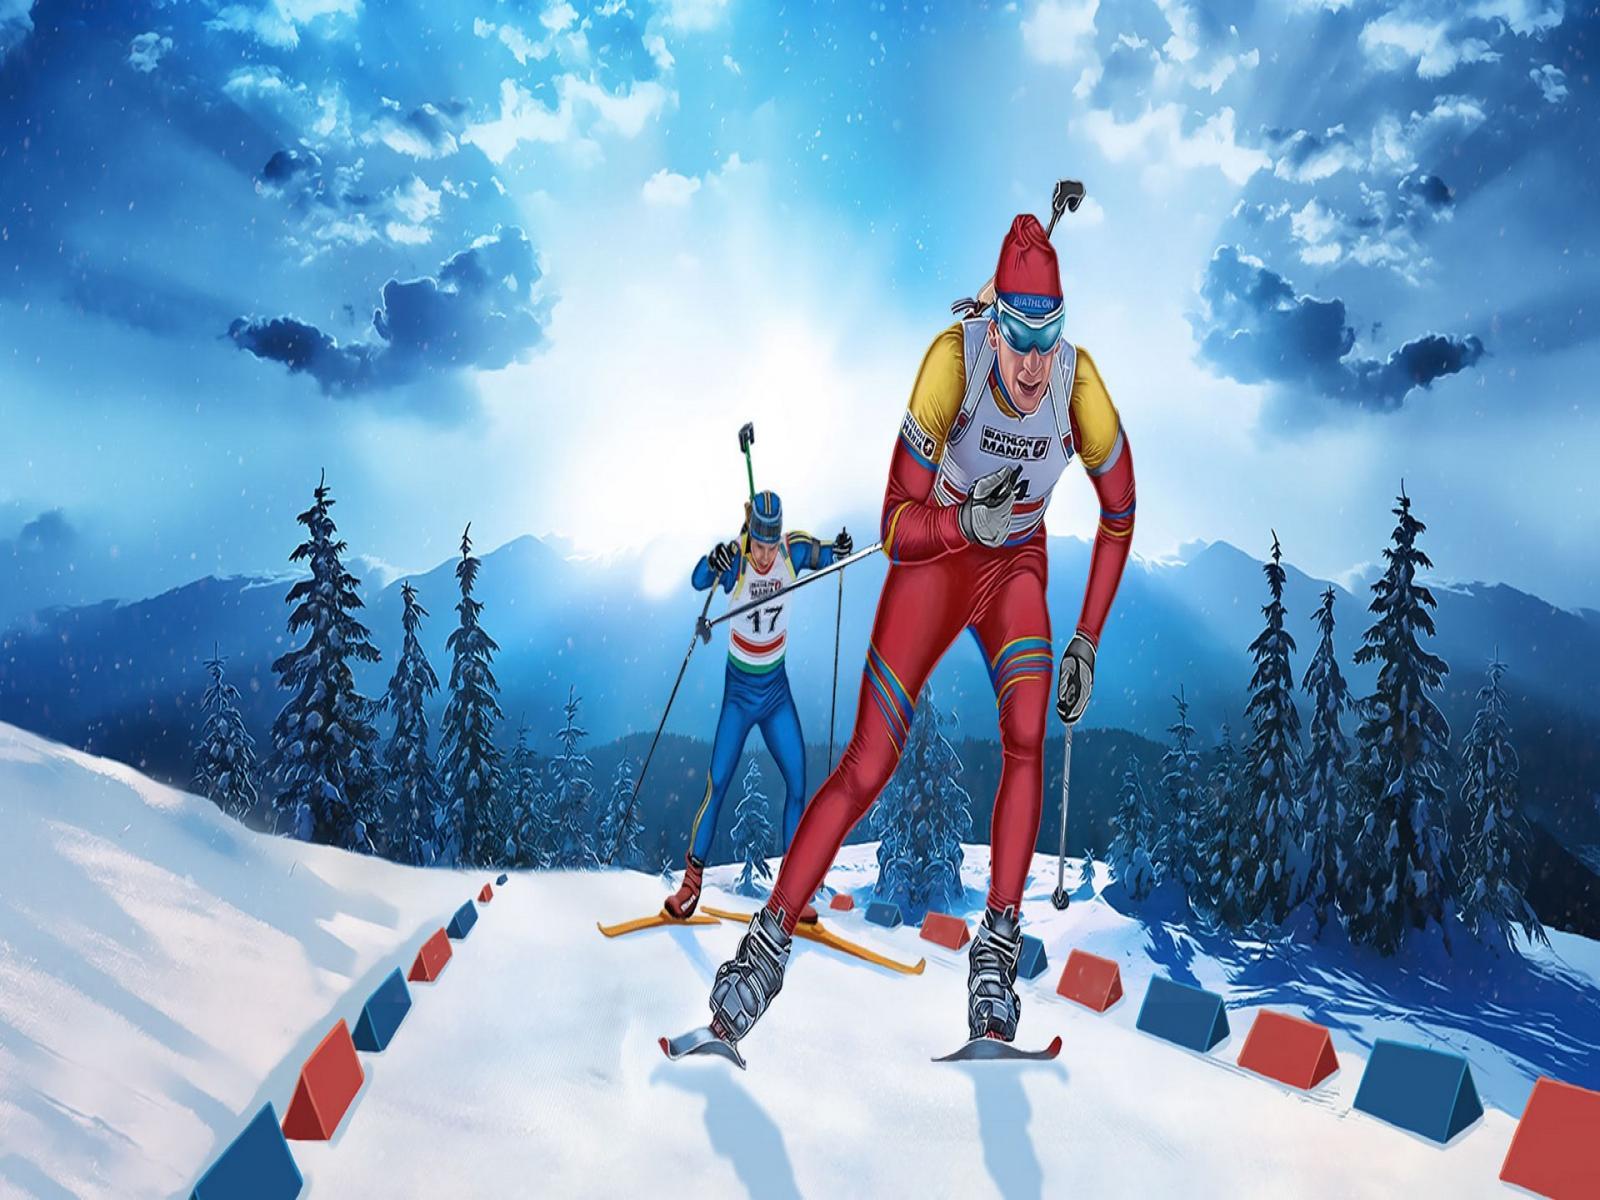 Biathlon Wallpapers 214W814 WallpapersExpertcom 1600x1200